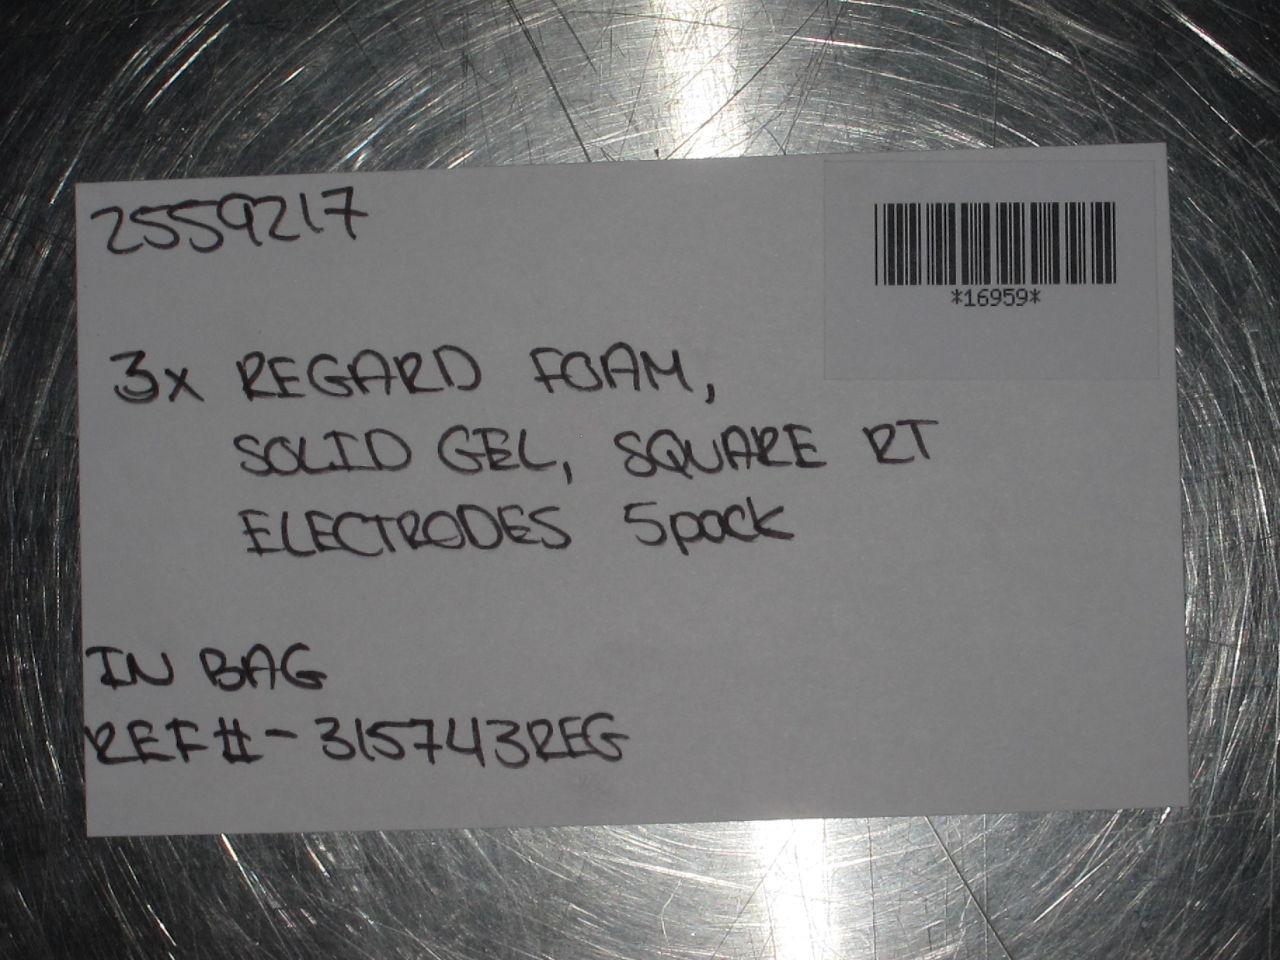 REGARD  Solid Gel Electrodes - Lot of 3